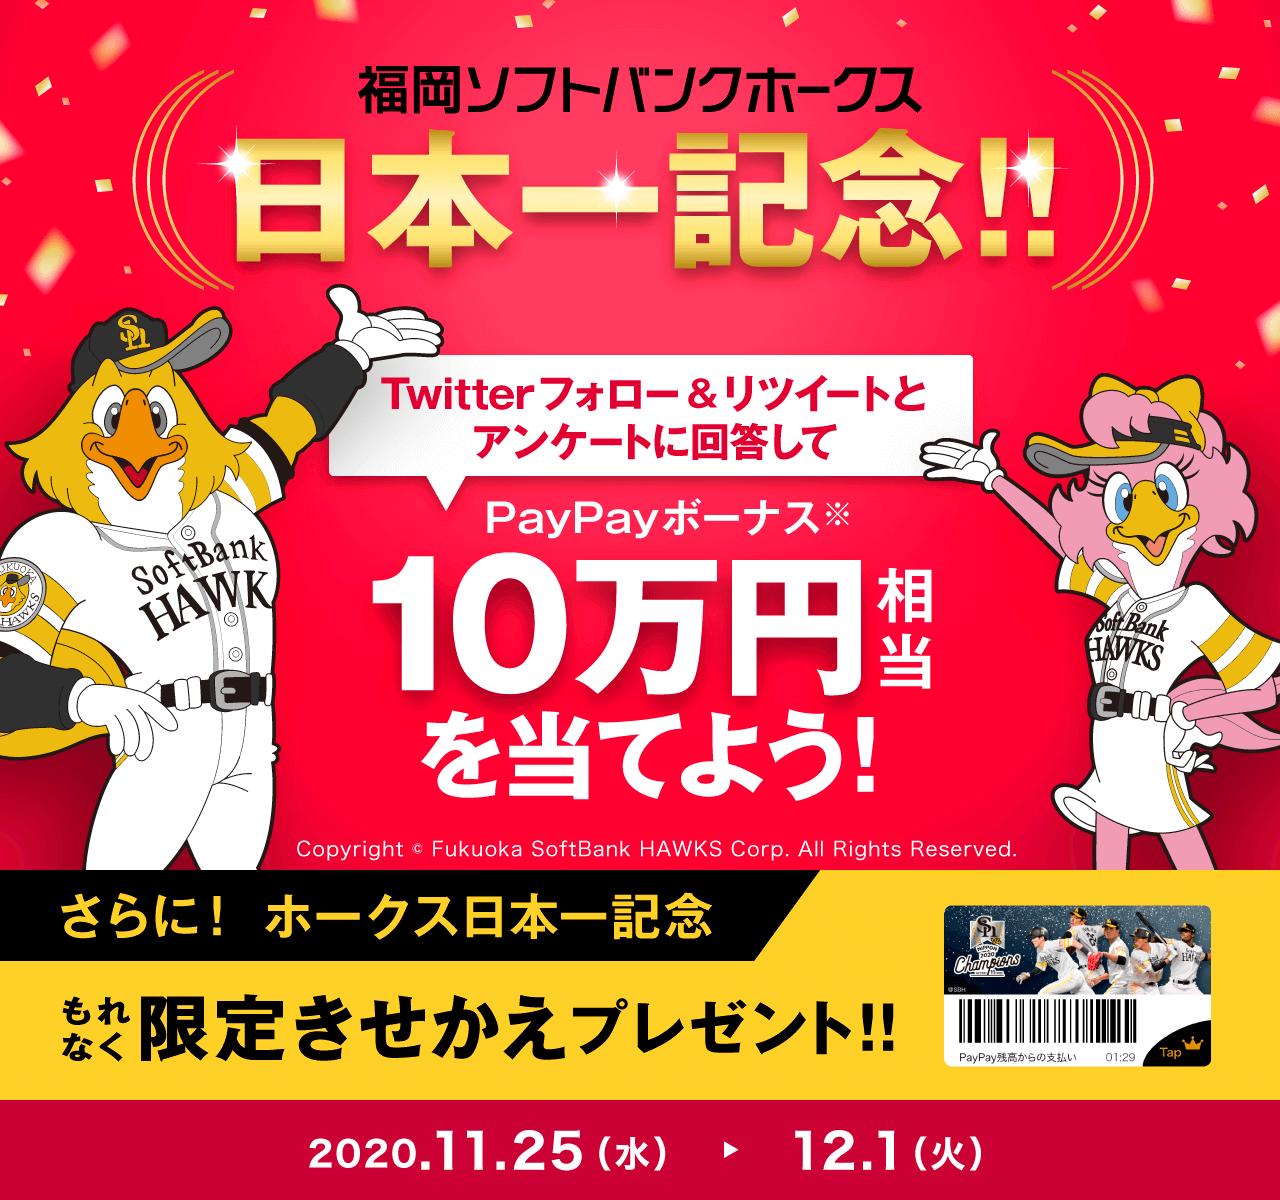 福岡ソフトバンクホークス 日本一記念!! Twitterフォロー&リツイートとアンケートに回答してPayPayボーナス10万円相当を当てよう!